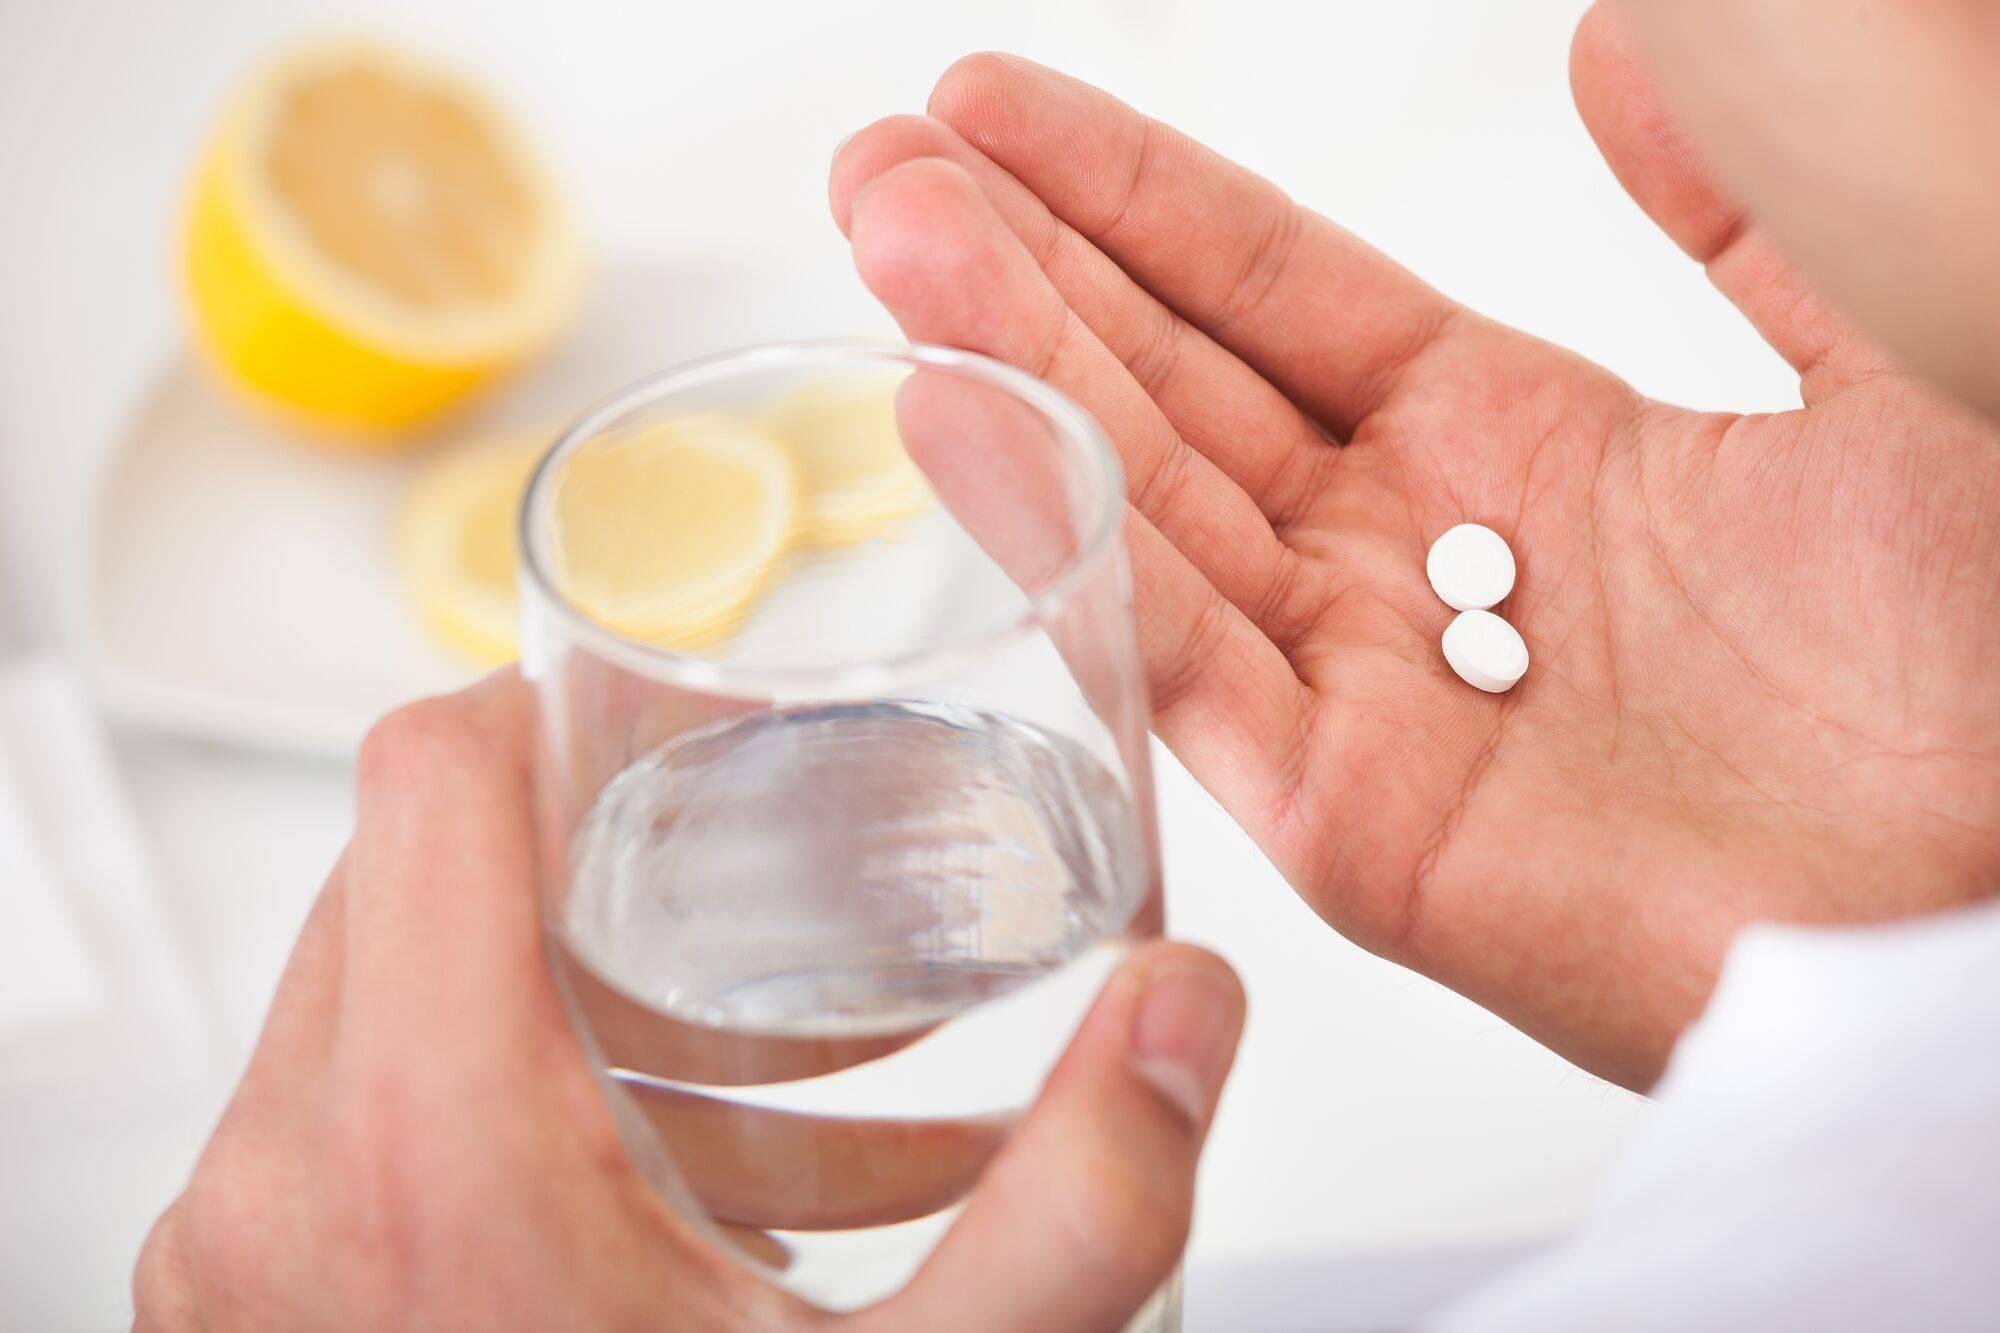 После алкоголя болит желудок: что делать, чем лечить с похмелья после пьянки